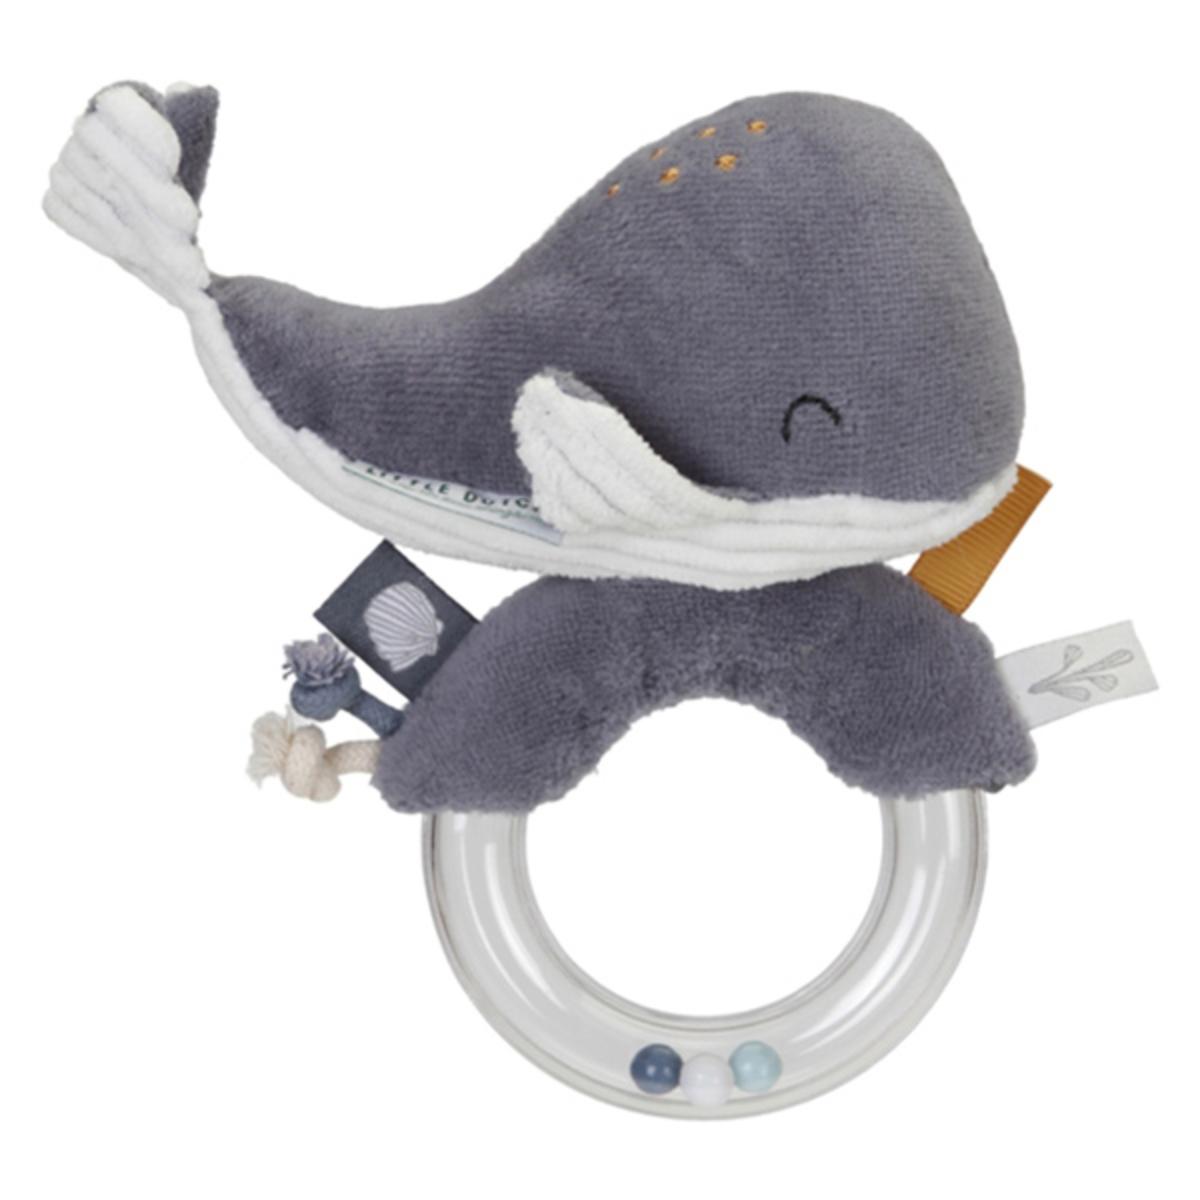 Hochet Hochet Baleine Ocean - Bleu Hochet Baleine Ocean - Bleu